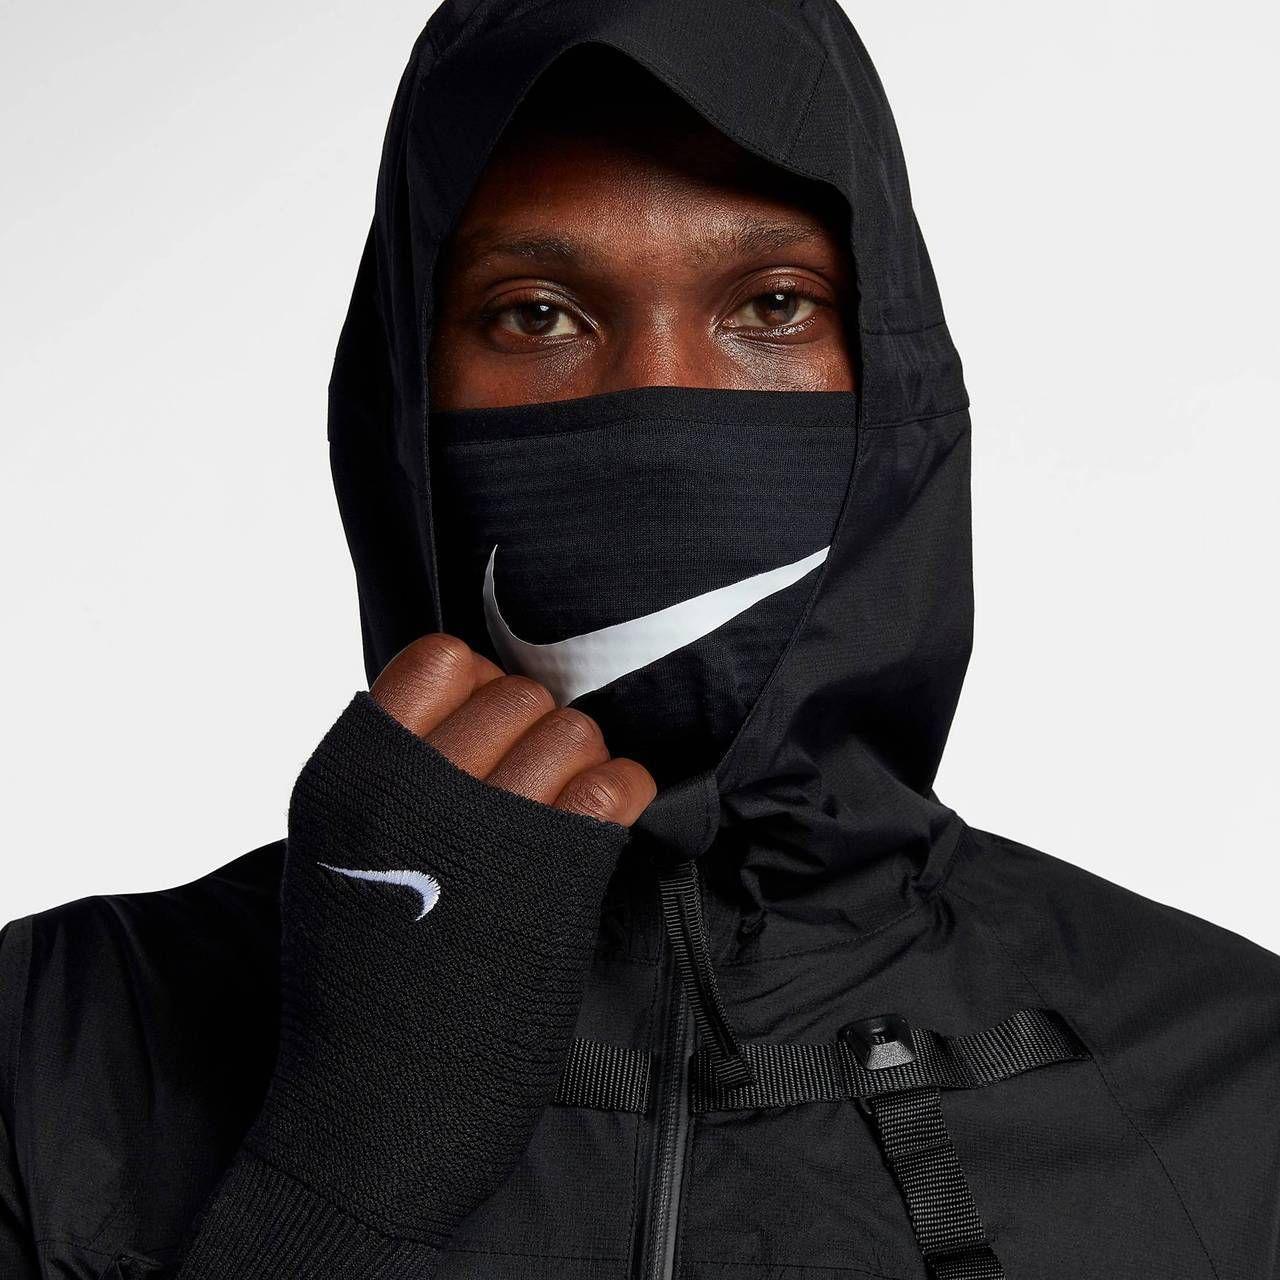 MMW / Nike / NikeLab / Face Mask / Jacket / 2018